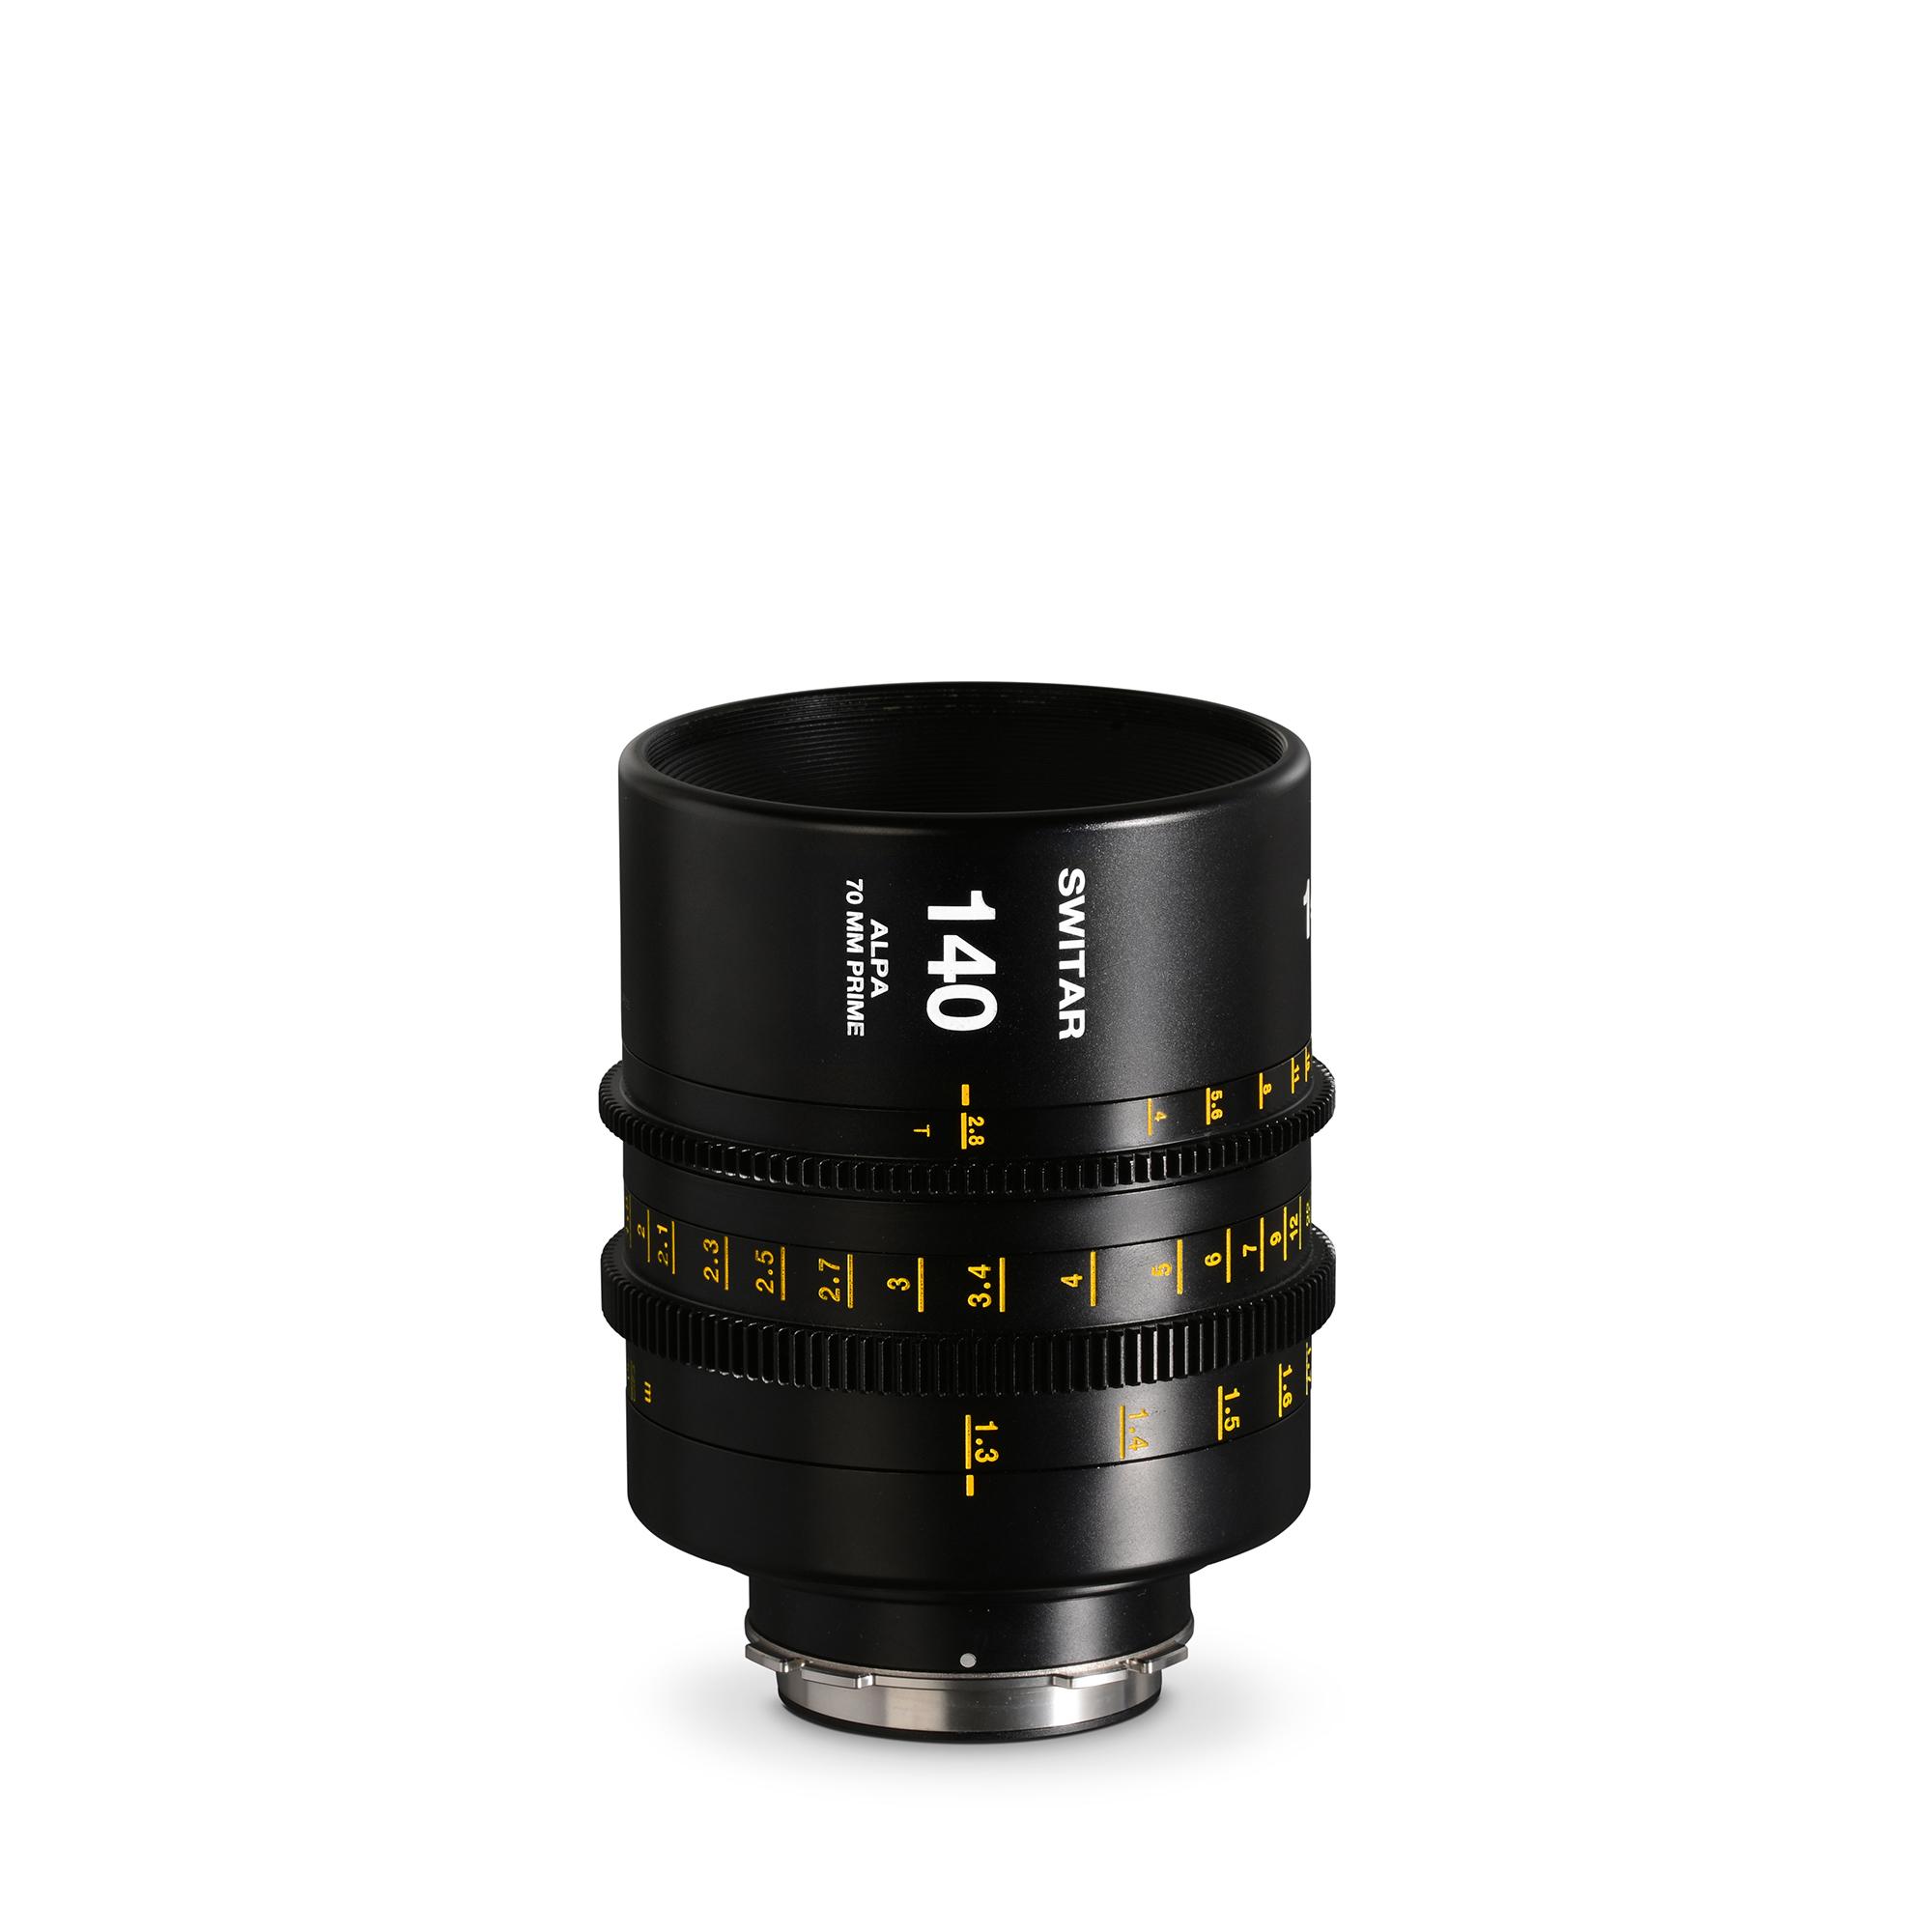 ALPA Switar 2.8/140 mm Cine Prime IC 70 mm - meters